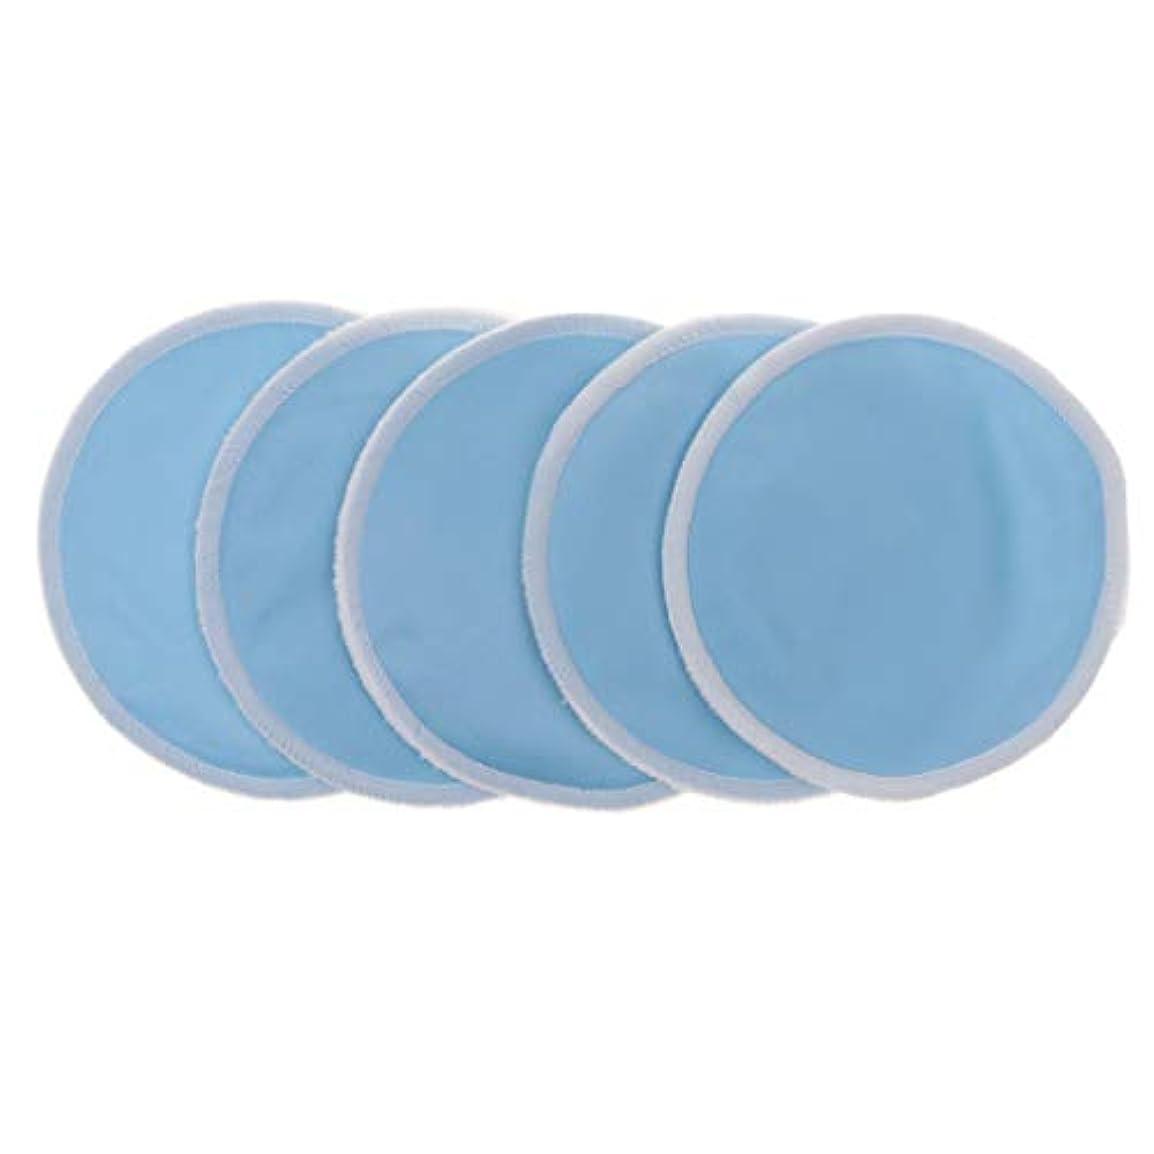 クラシカルの慈悲でマトロン全5色 胸パッド クレンジングシート メイクアップ 竹繊維 12cm 洗える 再使用可 実用的 5個入 - 青